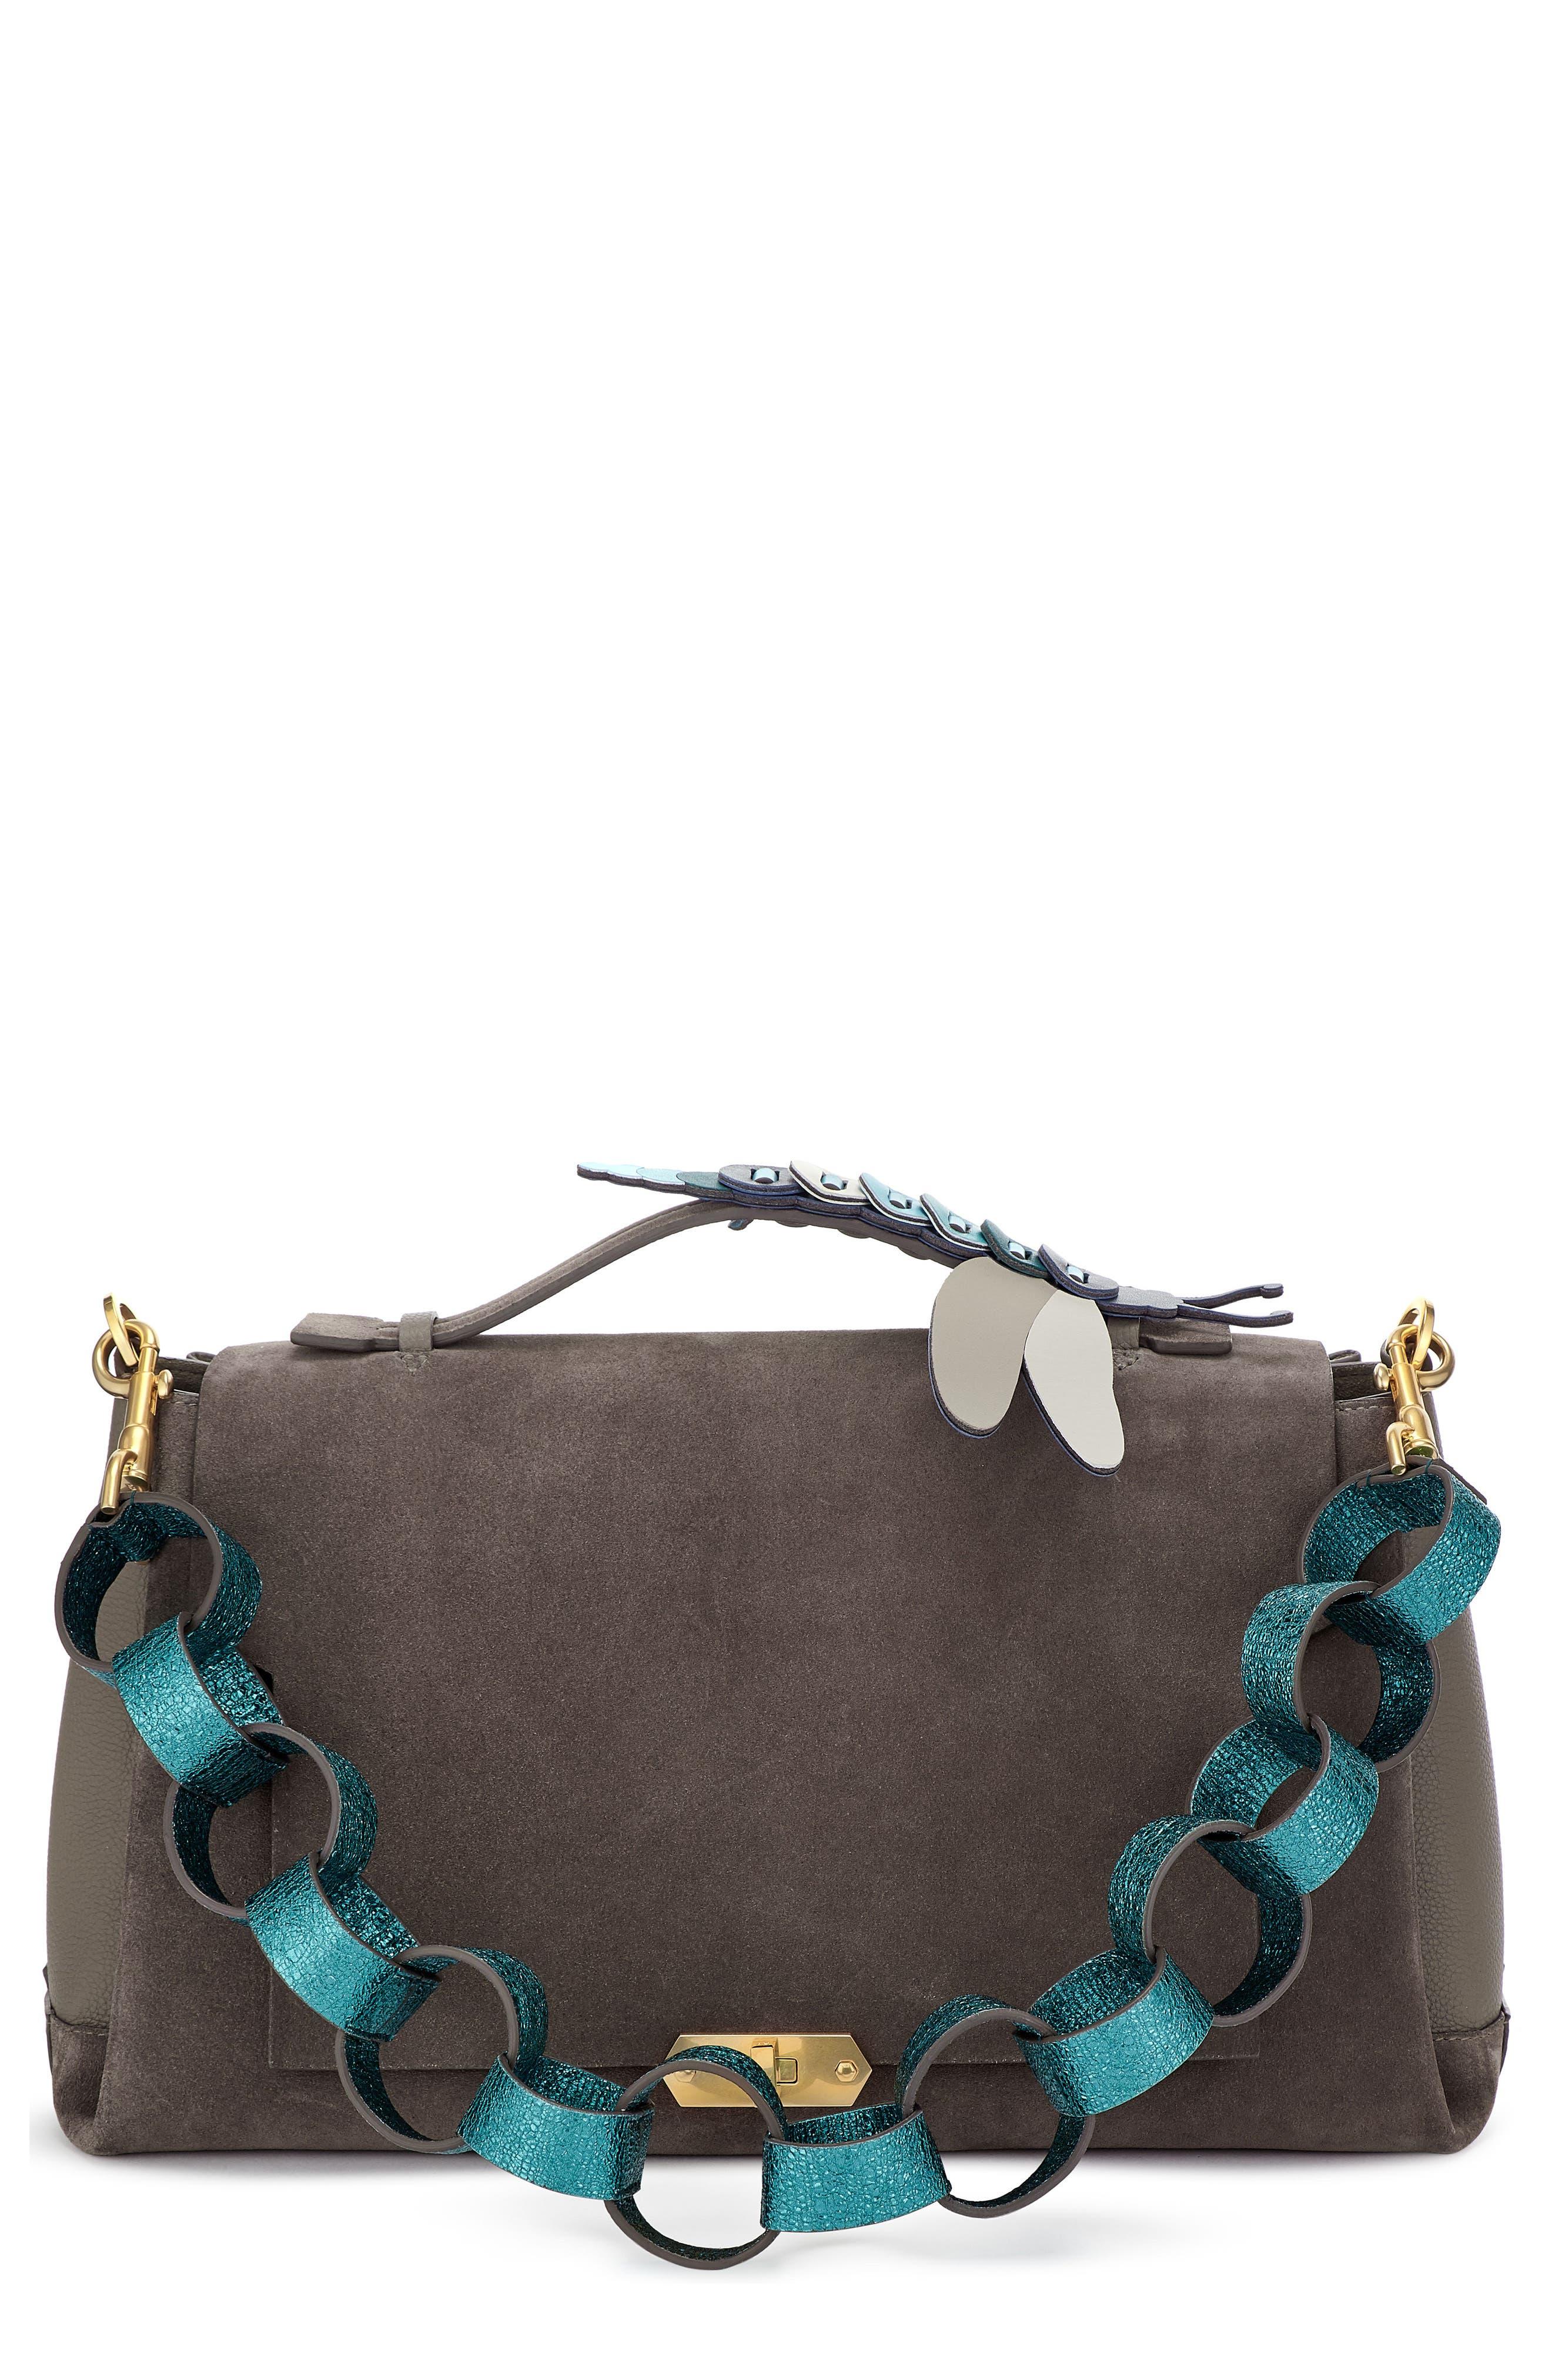 Bathurst Dragonfly Detail Leather & Suede Satchel,                             Main thumbnail 1, color,                             Porcini